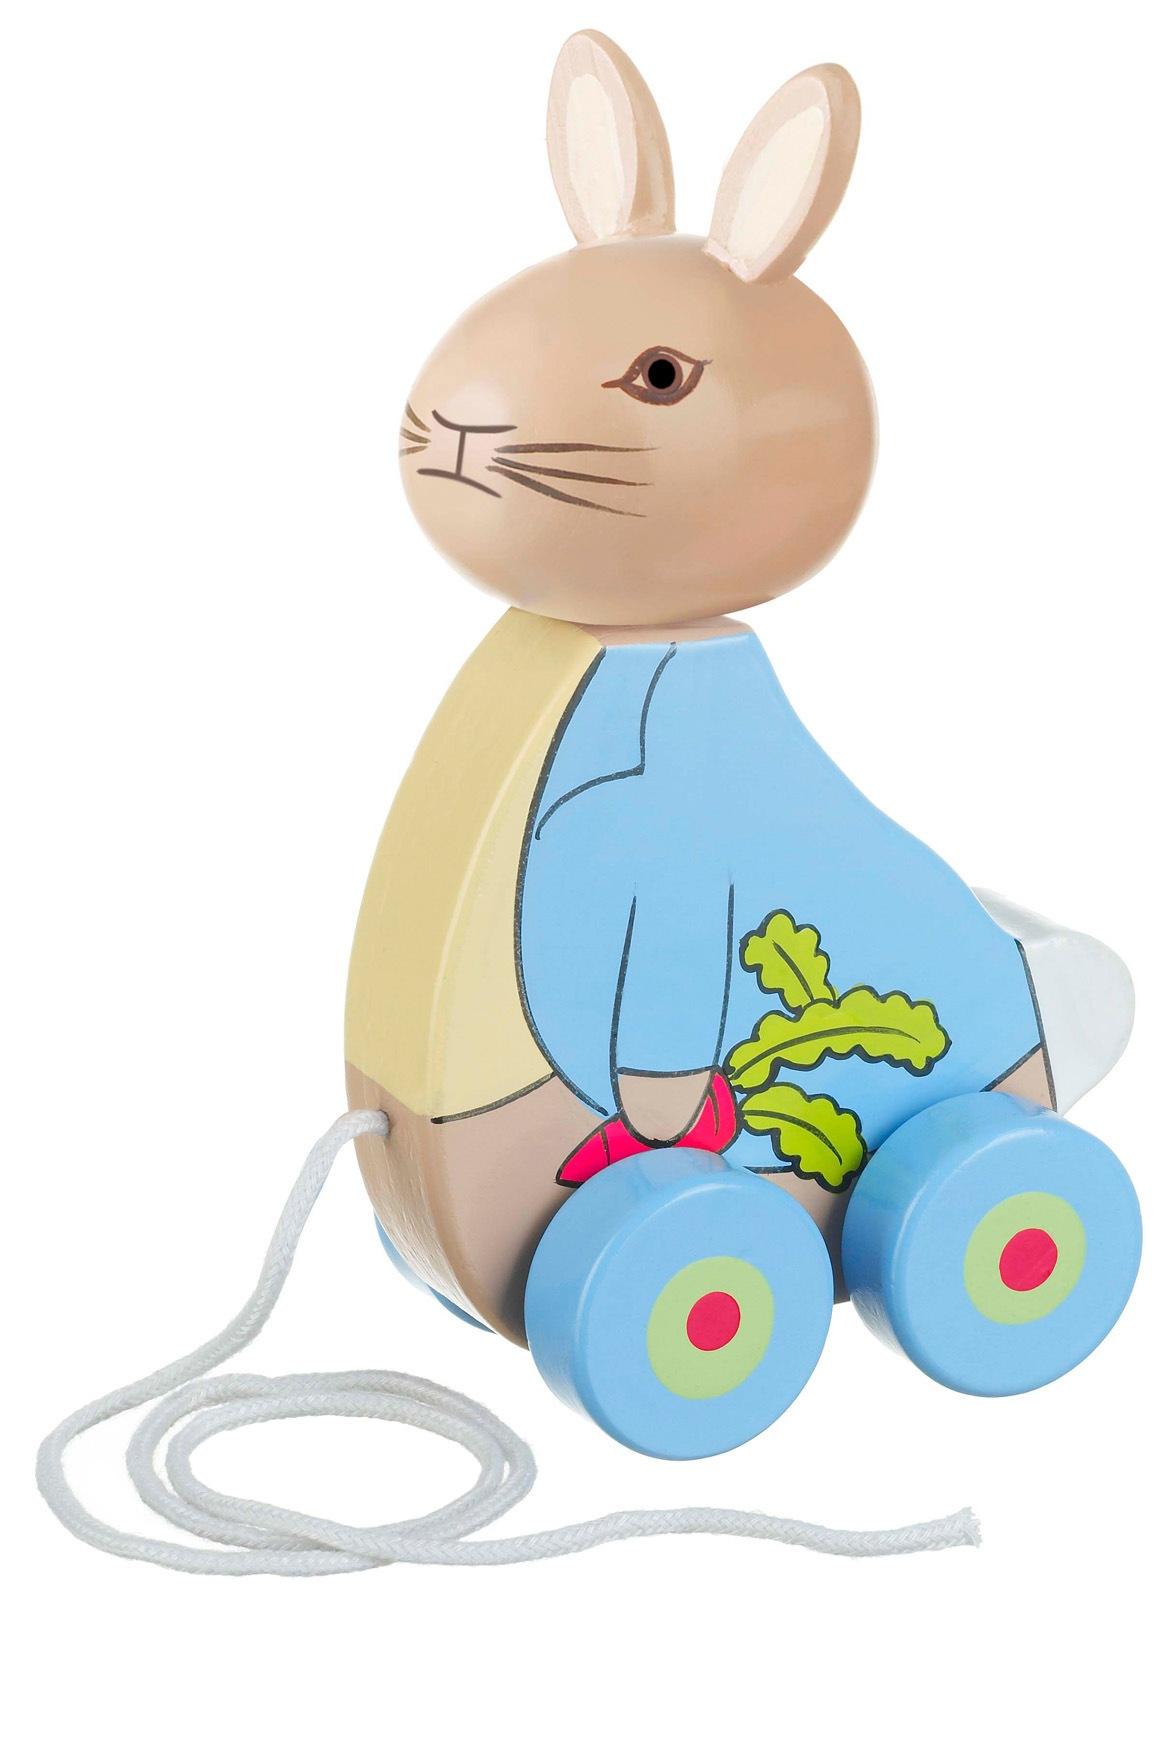 Beatrix potter peter rabbit toy myer online negle Images